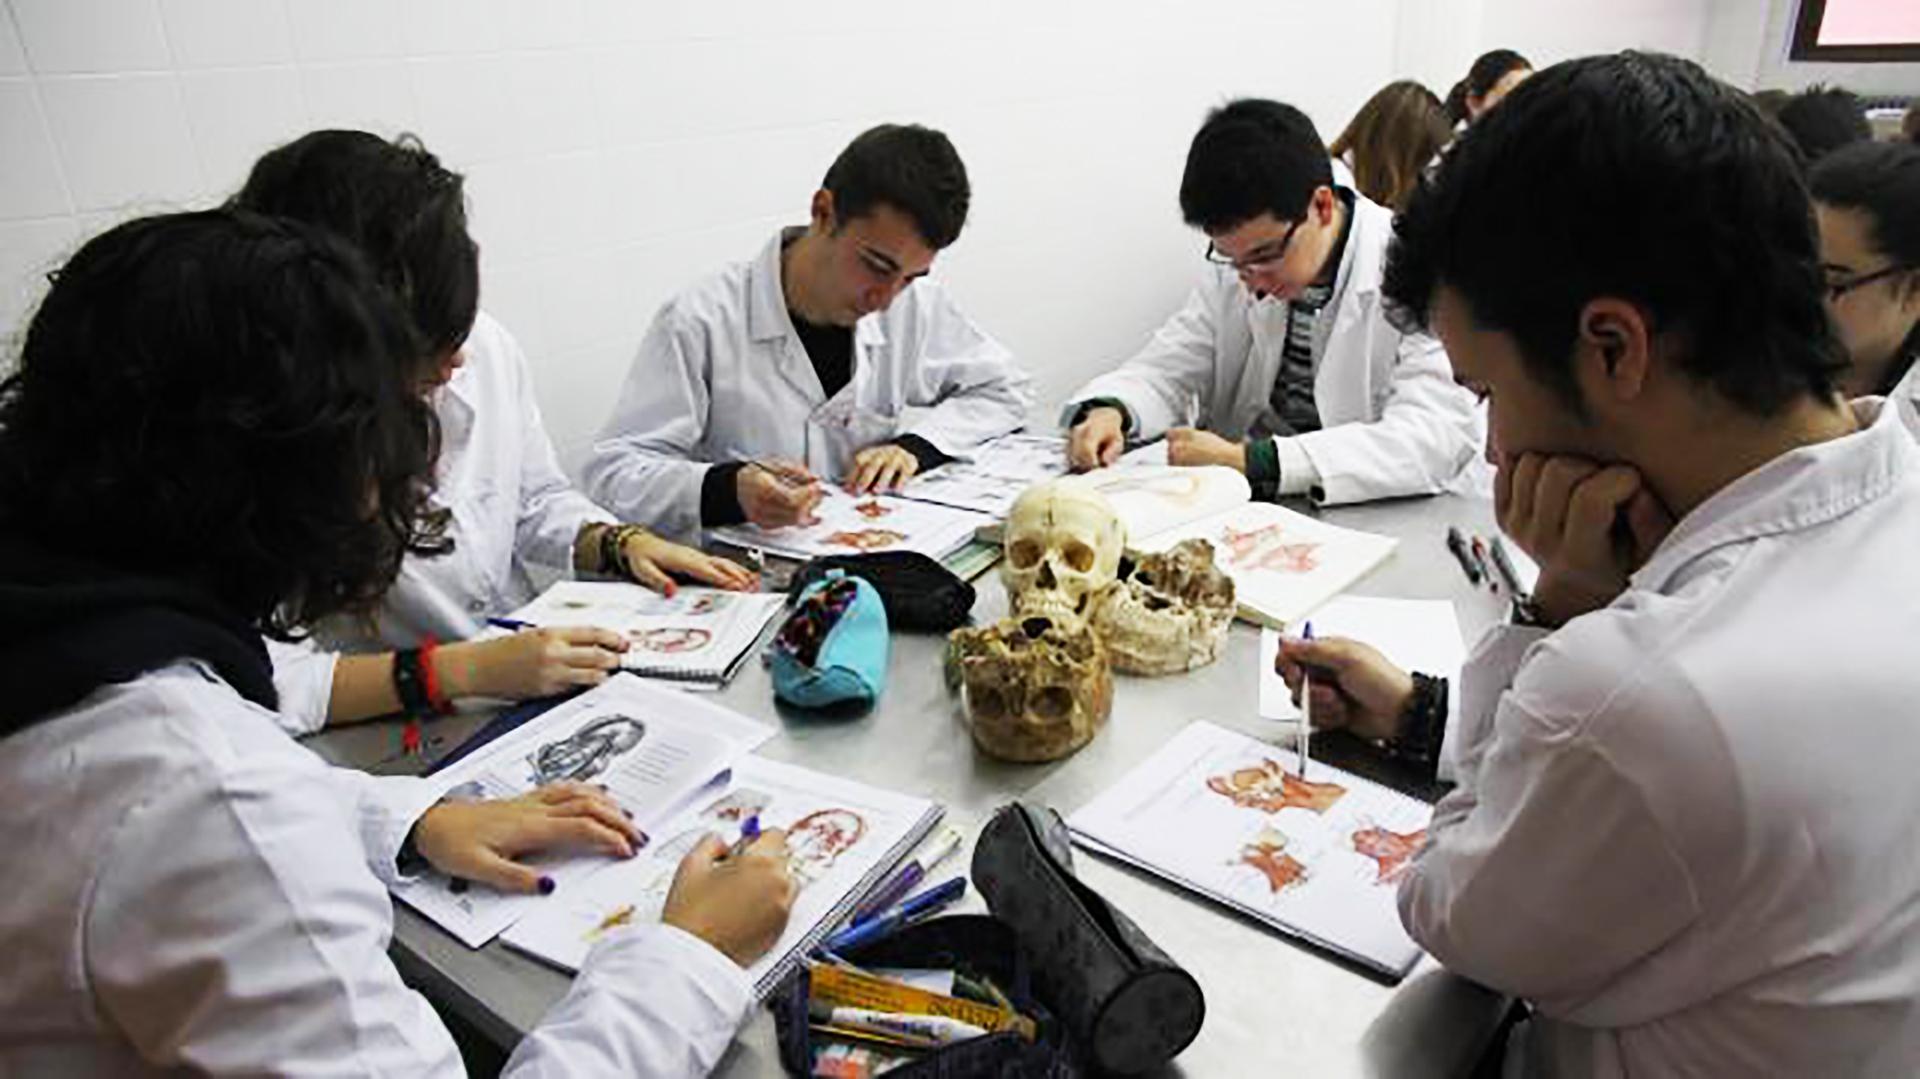 Para que no abandonen: los estudiantes de Medicina podrán cambiar de  universidad con más facilidad - Infobae